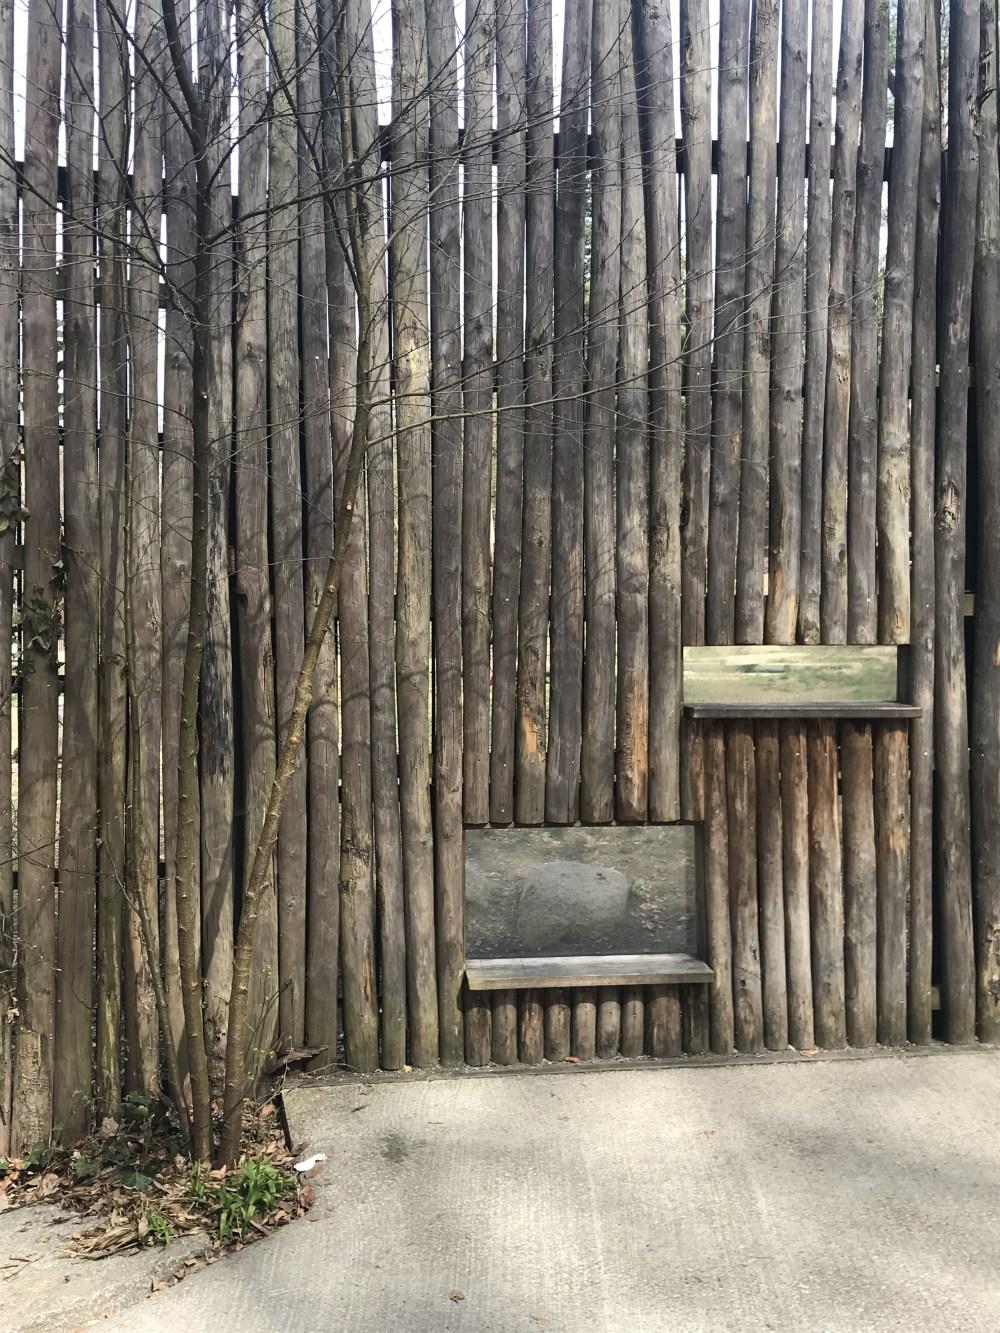 Detalhe da área de observação de animais do Parque Zoológico de Mulhouse